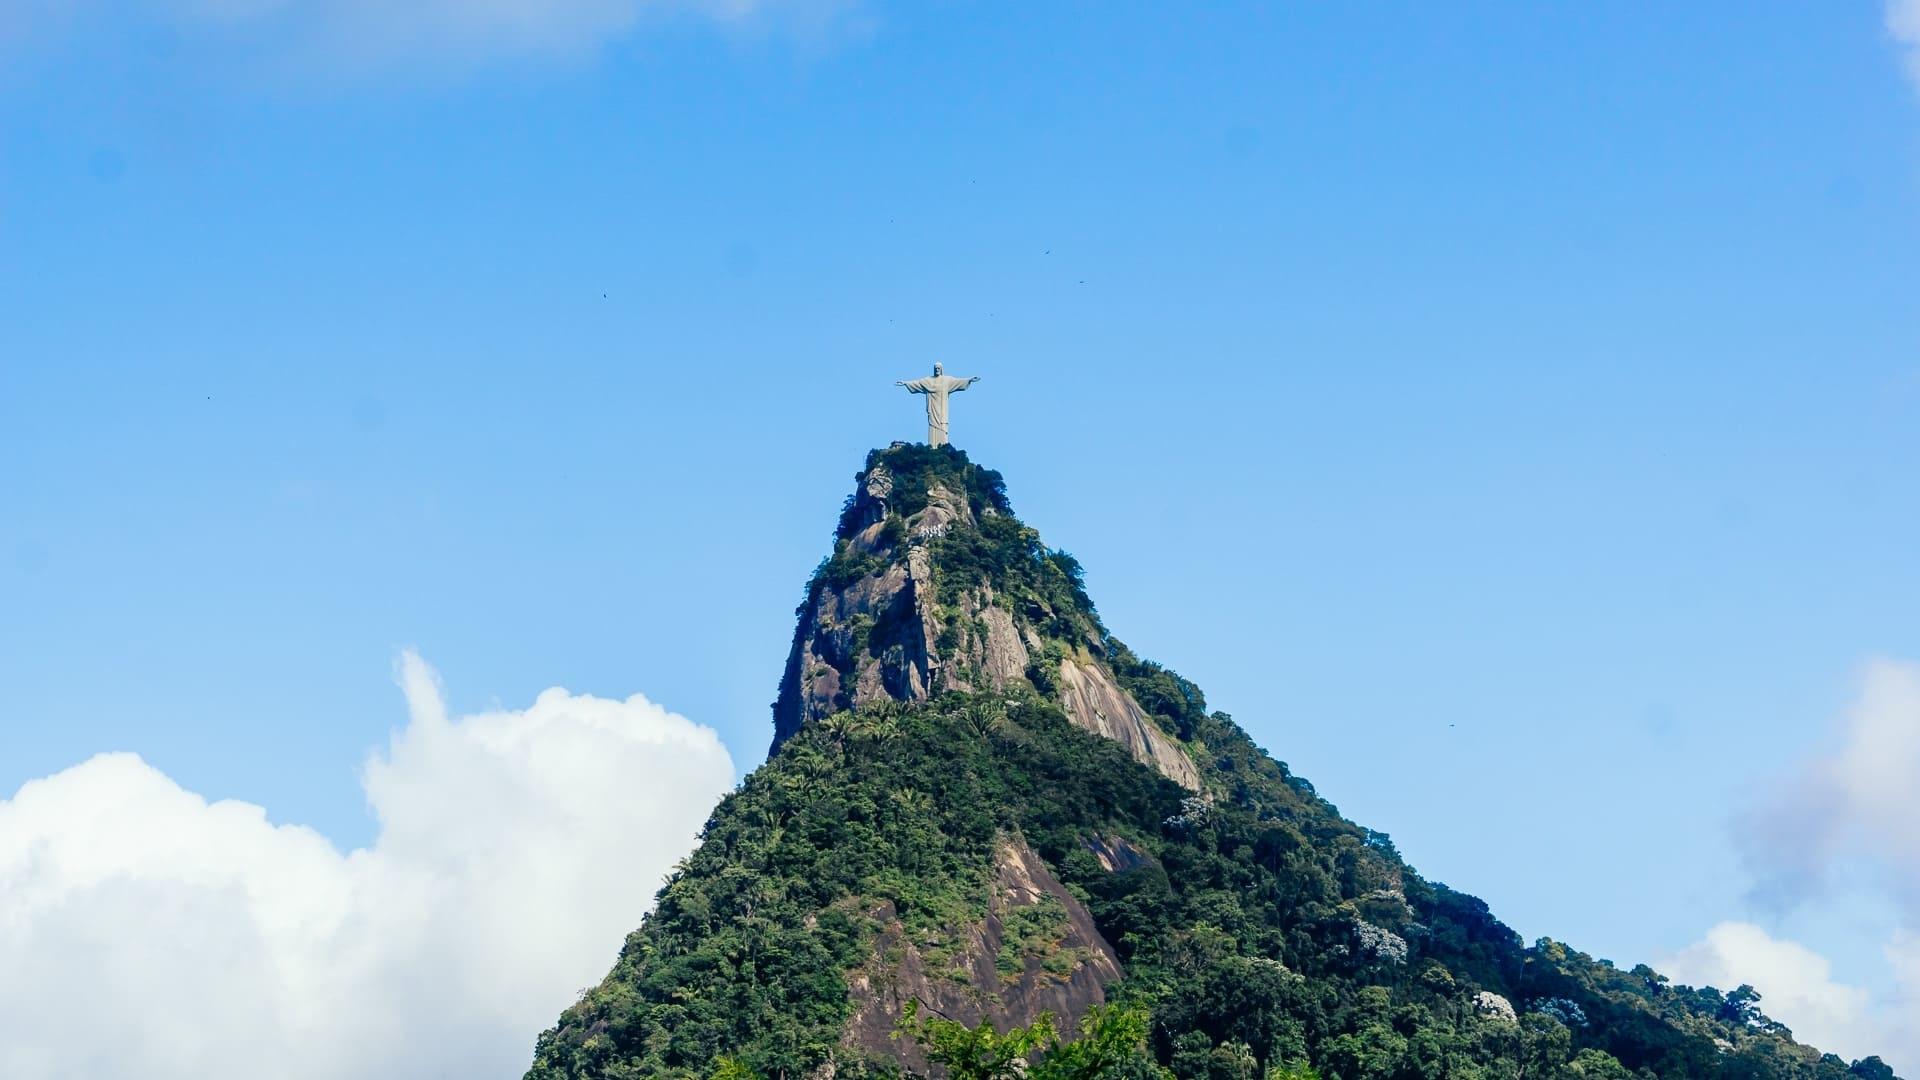 Новый год в теплых краях: как развлечься в Бразилии-Фото 4